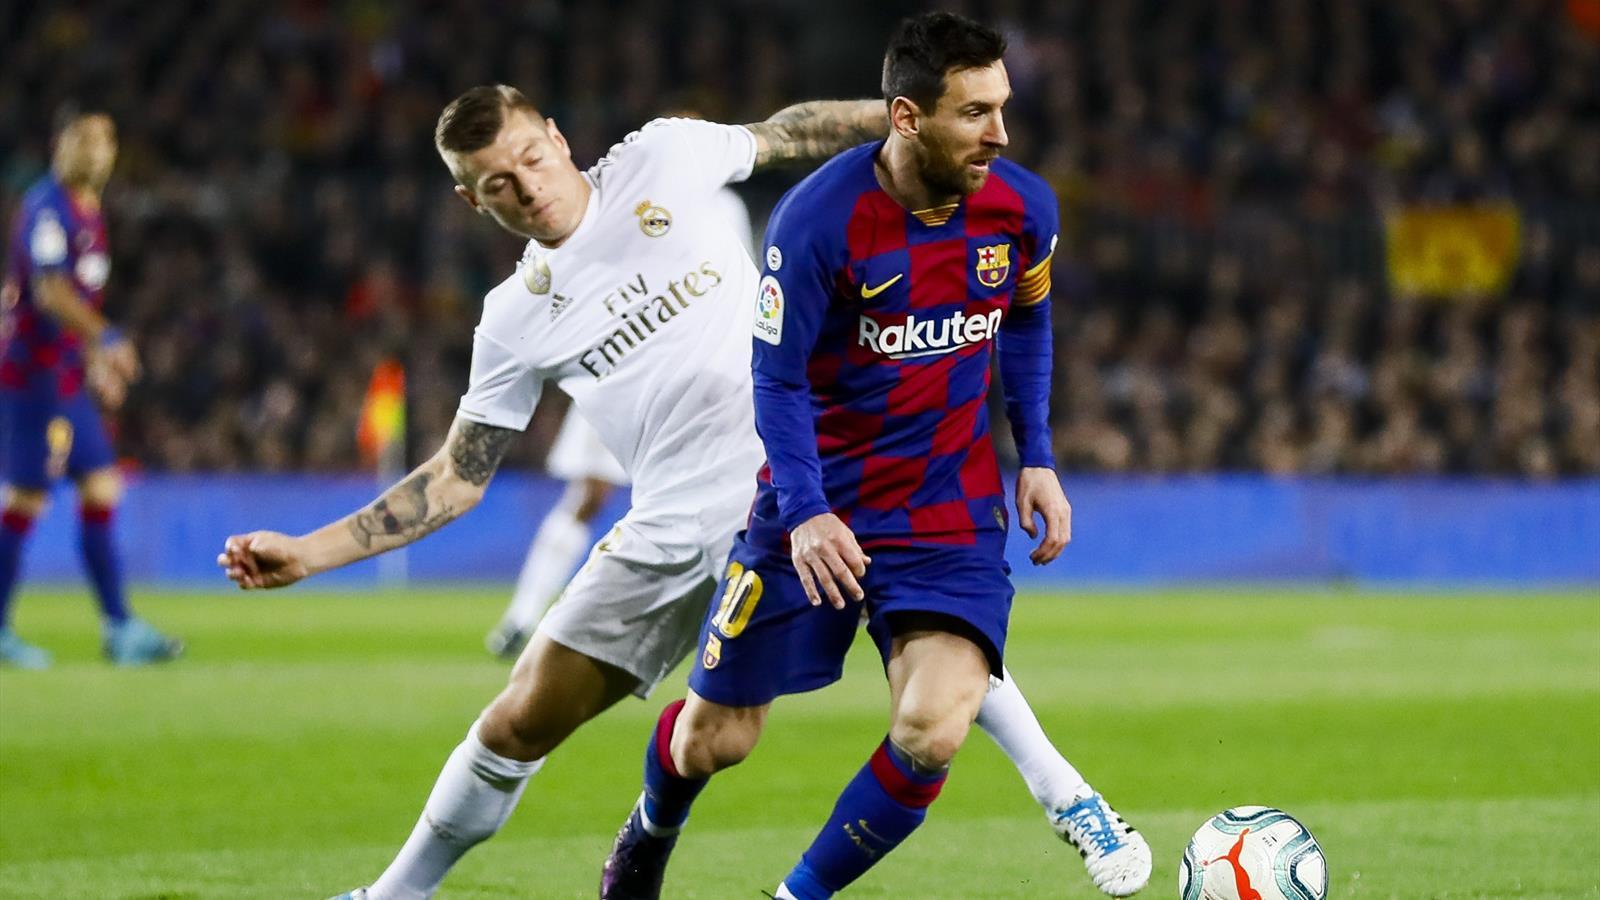 Футбол. испания. кубок федерации cnfnbcnbrf